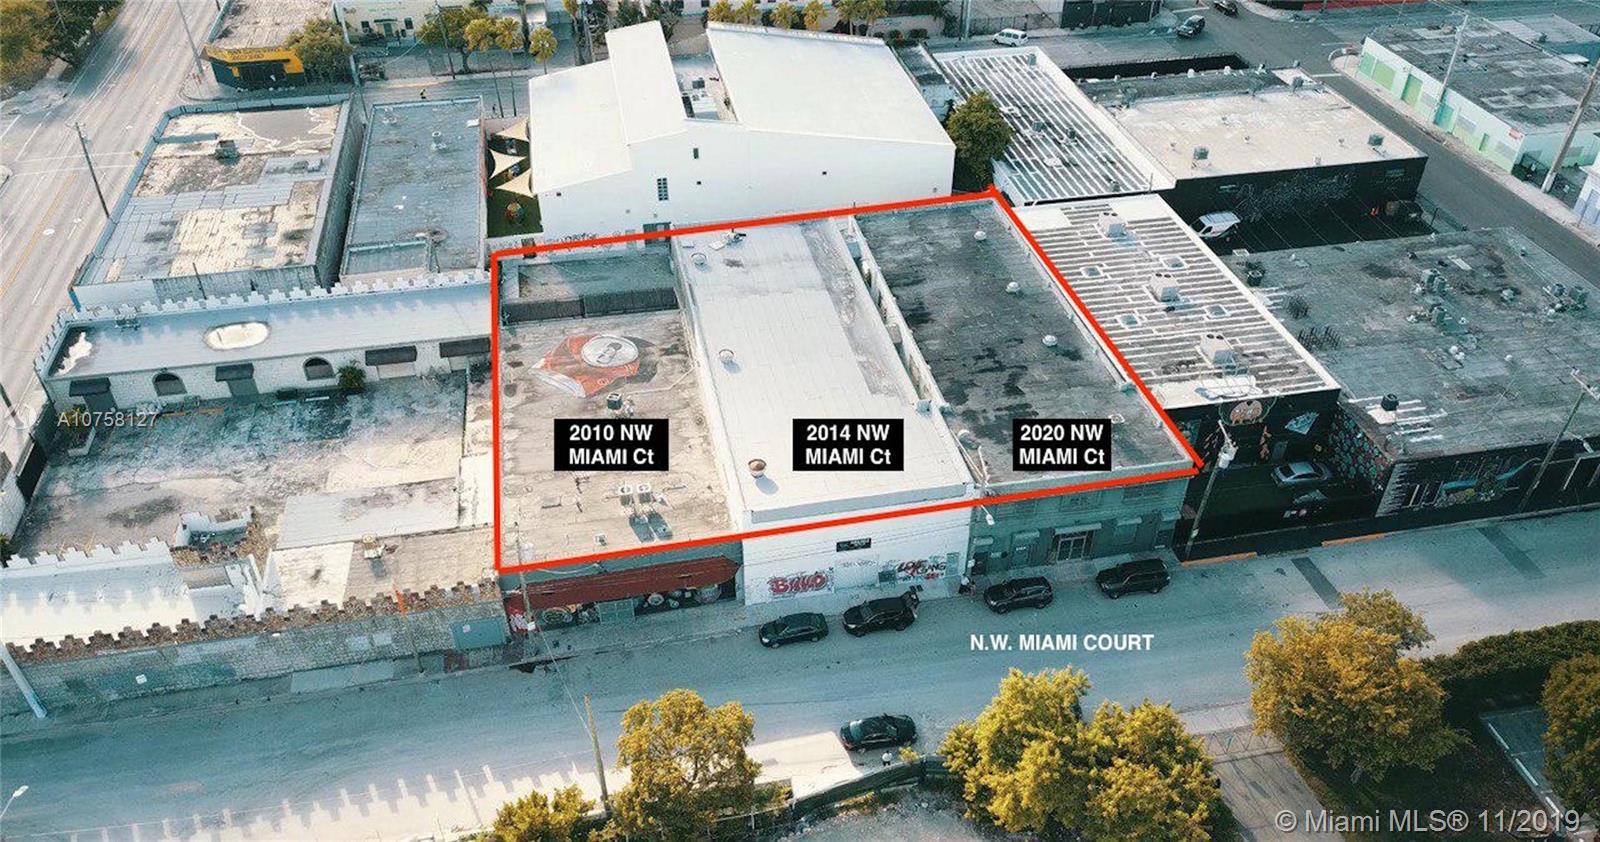 2010, 2014, 2020 NW Miami Court Luxury Real Estate